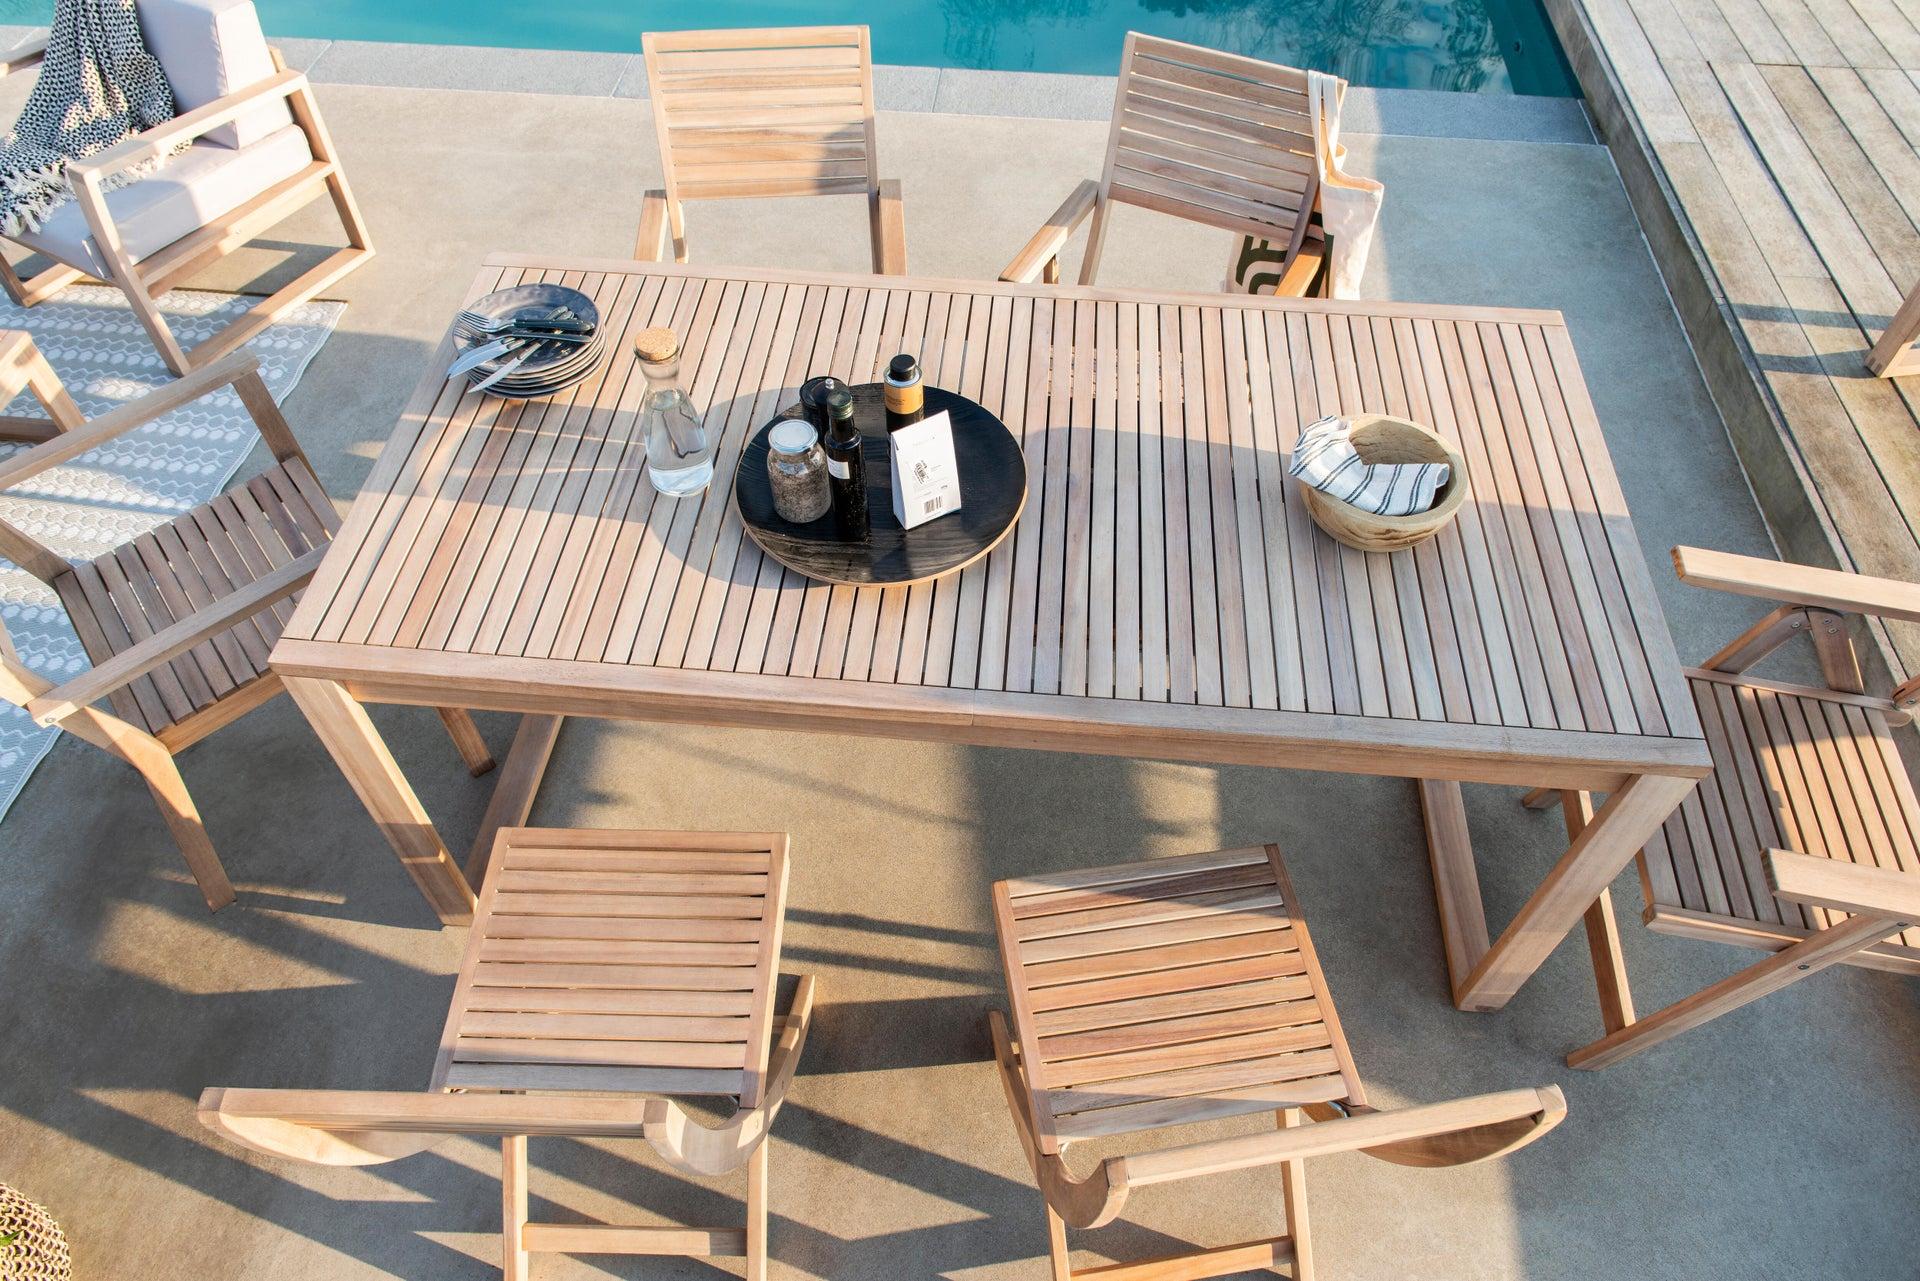 Sedia con braccioli senza cuscino pieghevole in legno Solaris NATERIAL colore acacia - 13